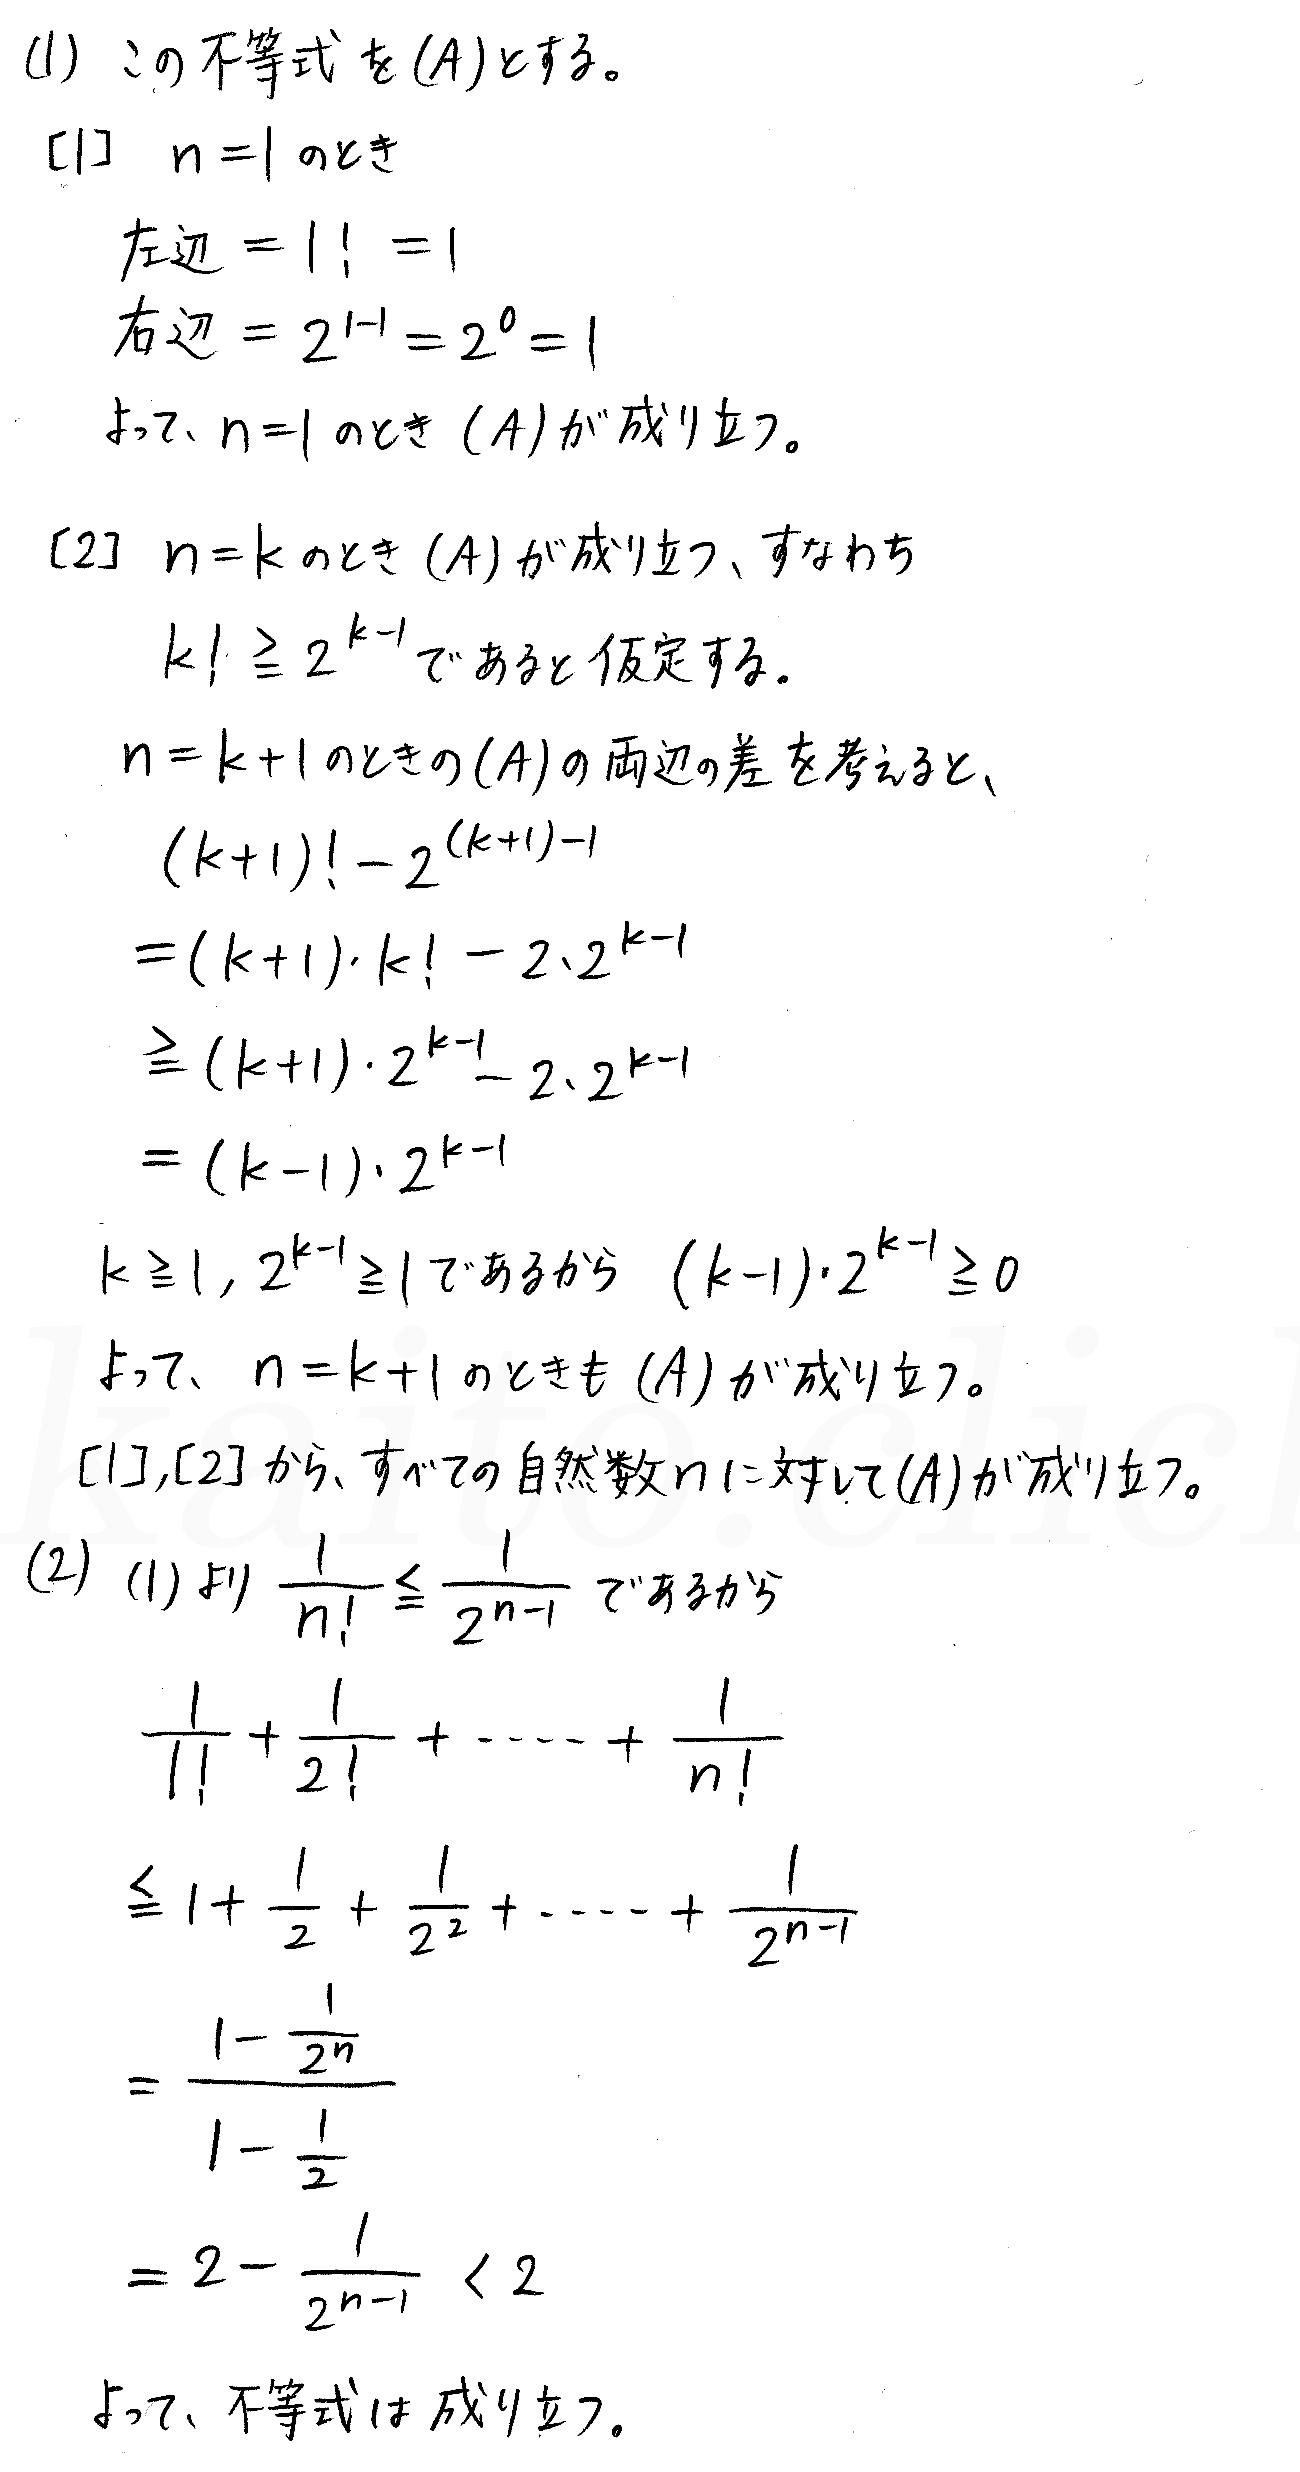 クリアー数学B-249解答